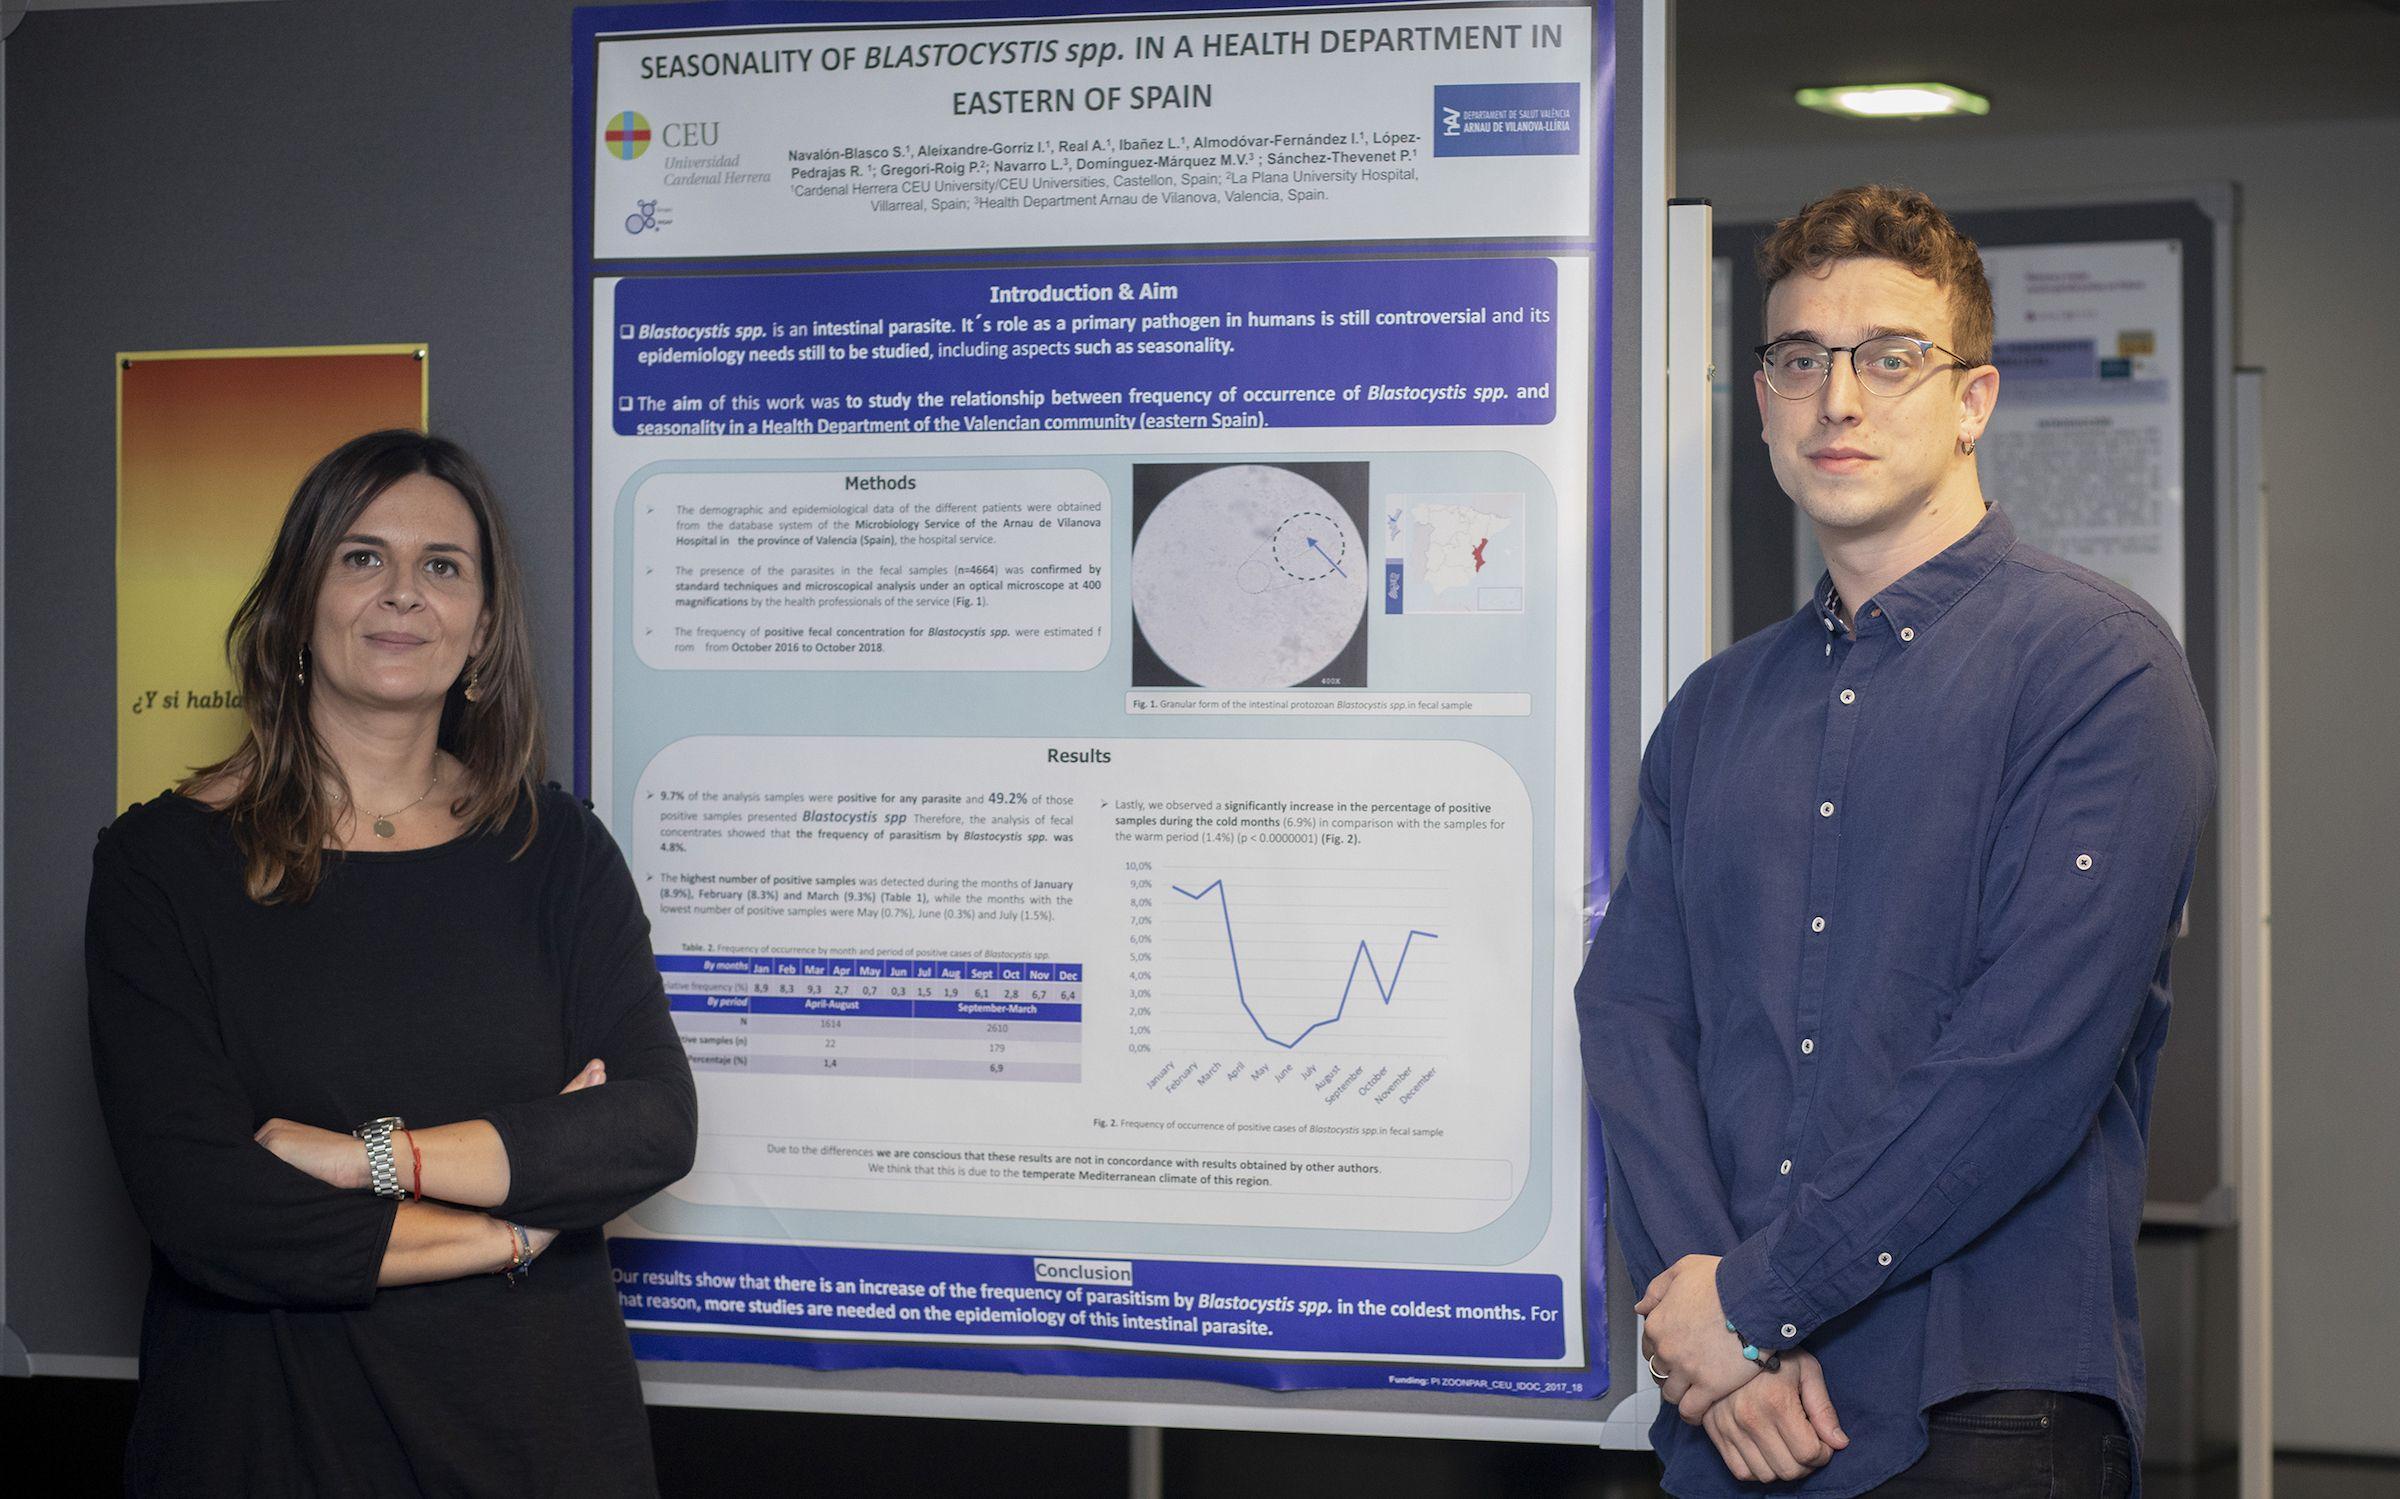 La coordinadora del Grado en Medicina de la CEU UCH en Castellón, Isabel Aleixandre, y el estudiante Samuel Navalón, coautores del estudio sobre blastocistosis presentado en Liverpool.